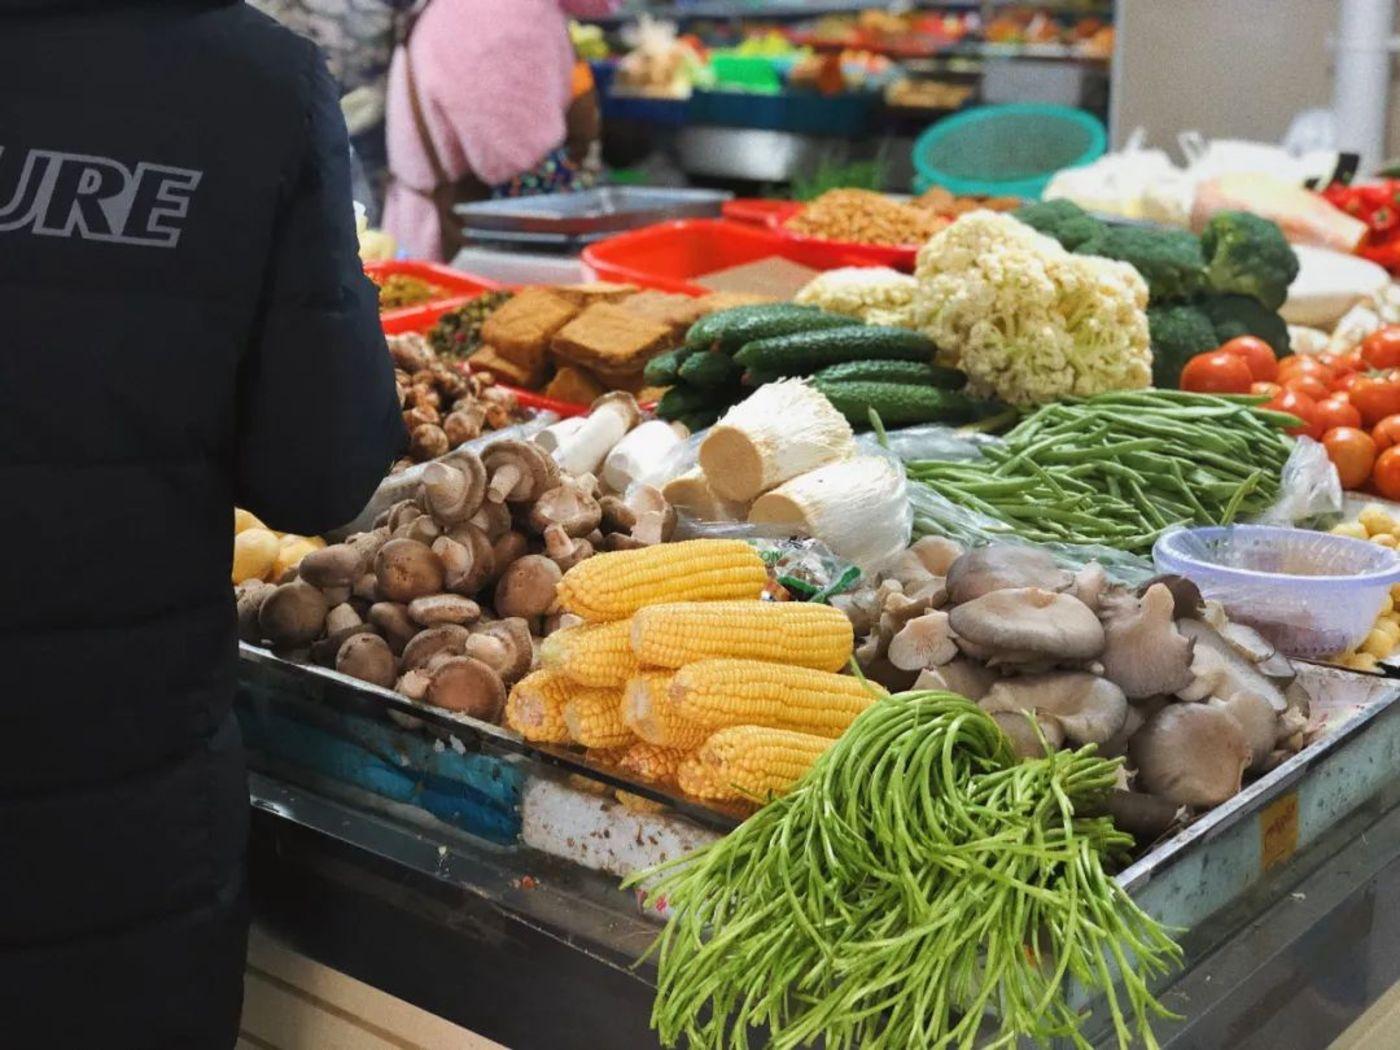 线上线下生鲜产品高度同质化